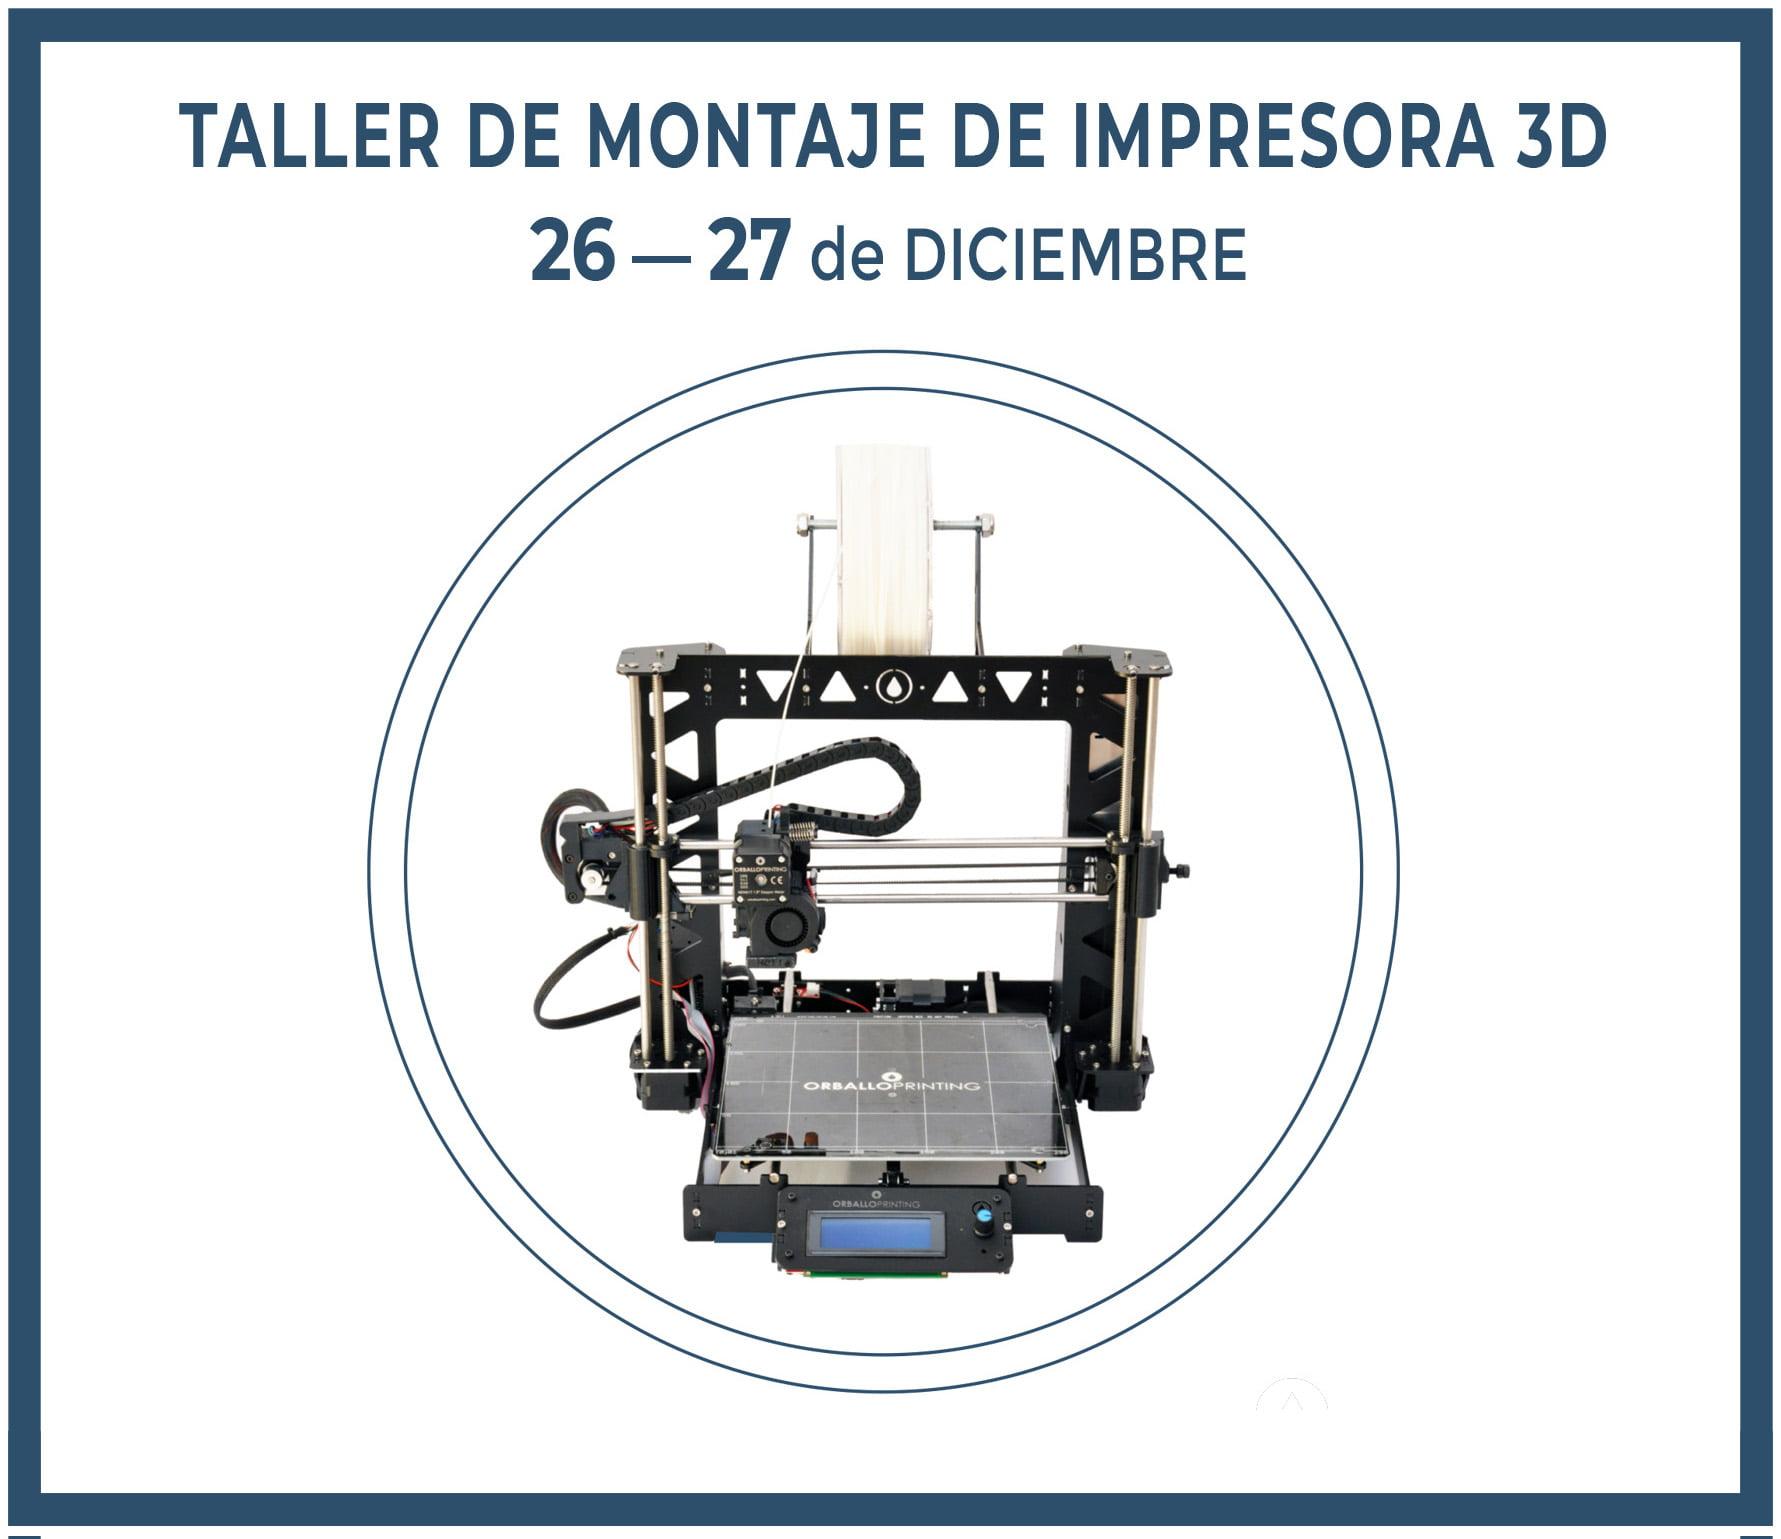 Taller de montaje de impresora 3D